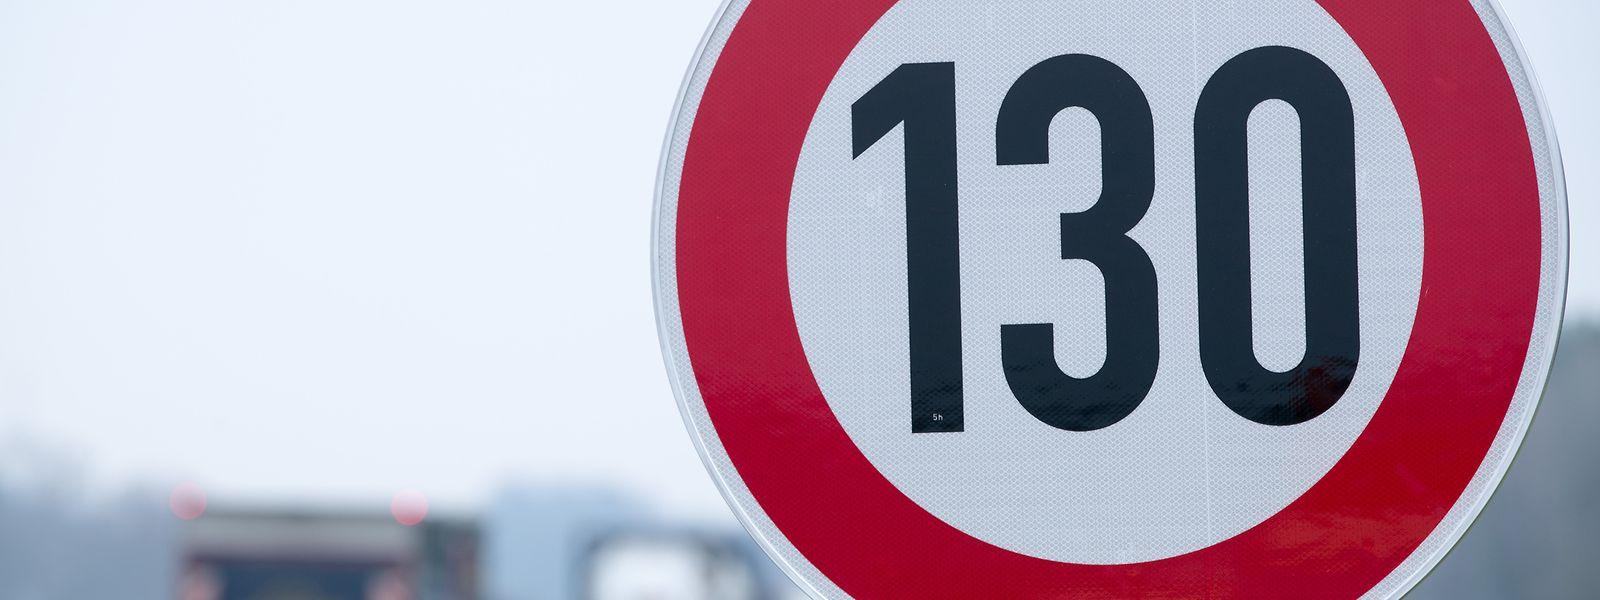 Die Zahl 130 auf Verkehrsschildern ist in Deutschland teilweise nicht gern gesehen.